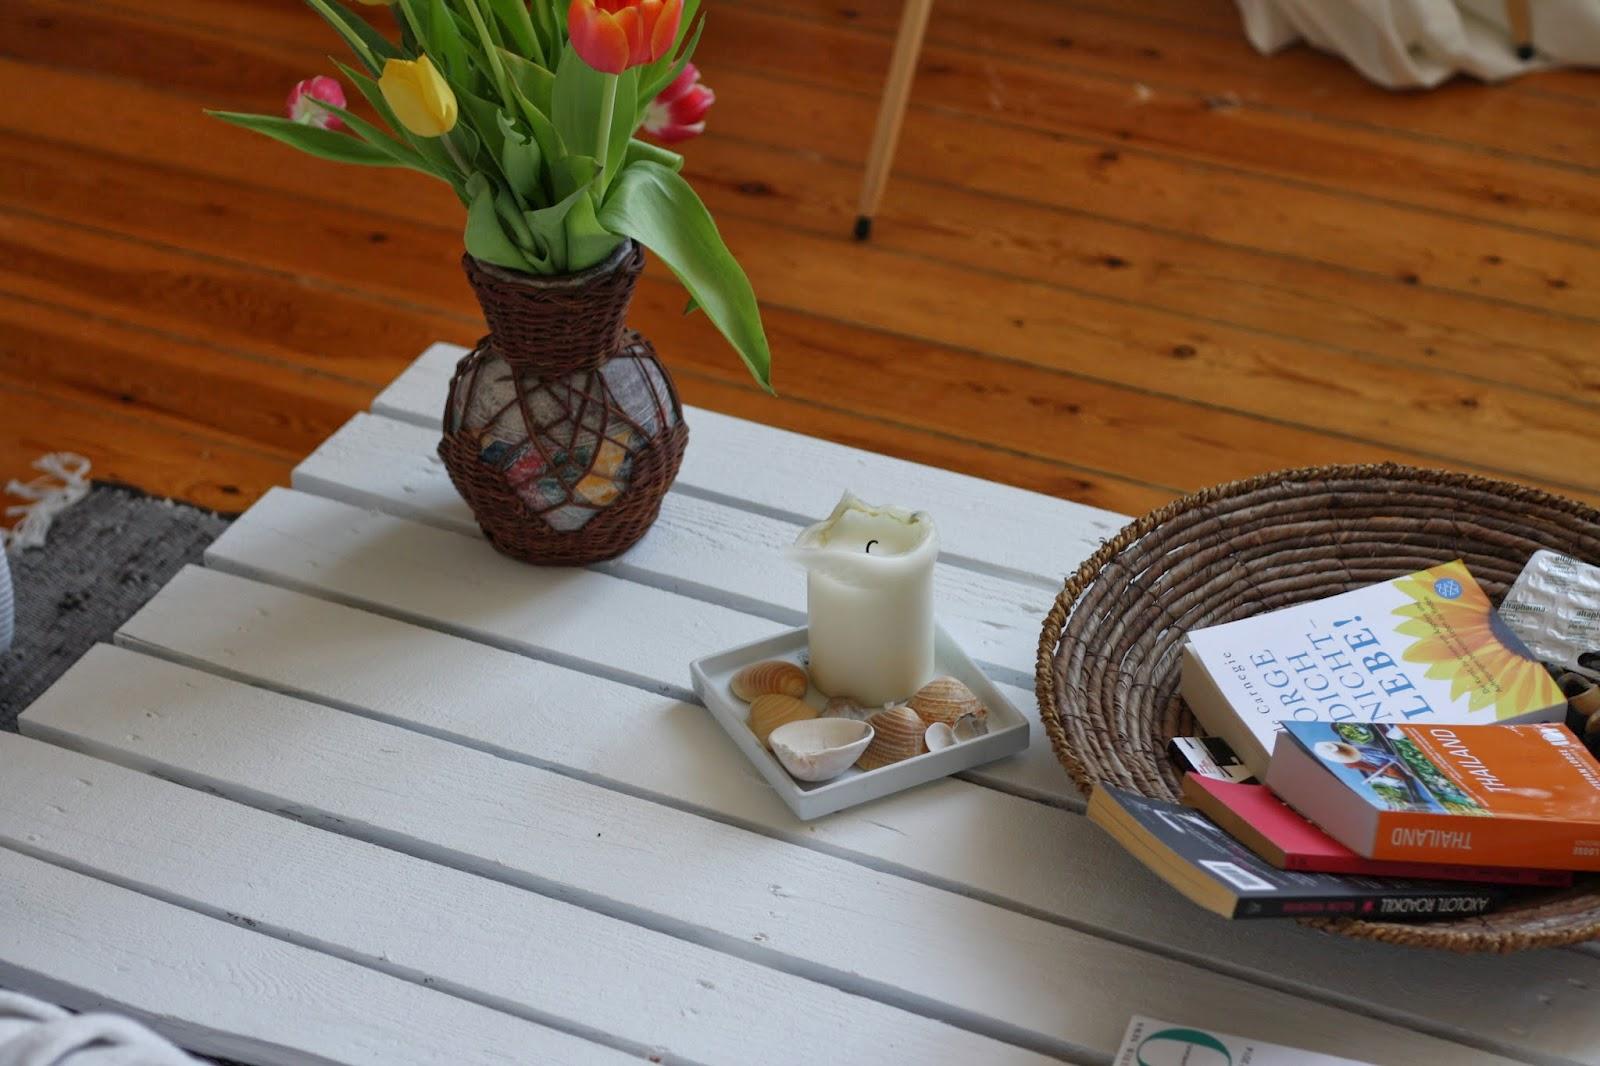 paletten couchtisch fashion und interior blog aus kiel. Black Bedroom Furniture Sets. Home Design Ideas